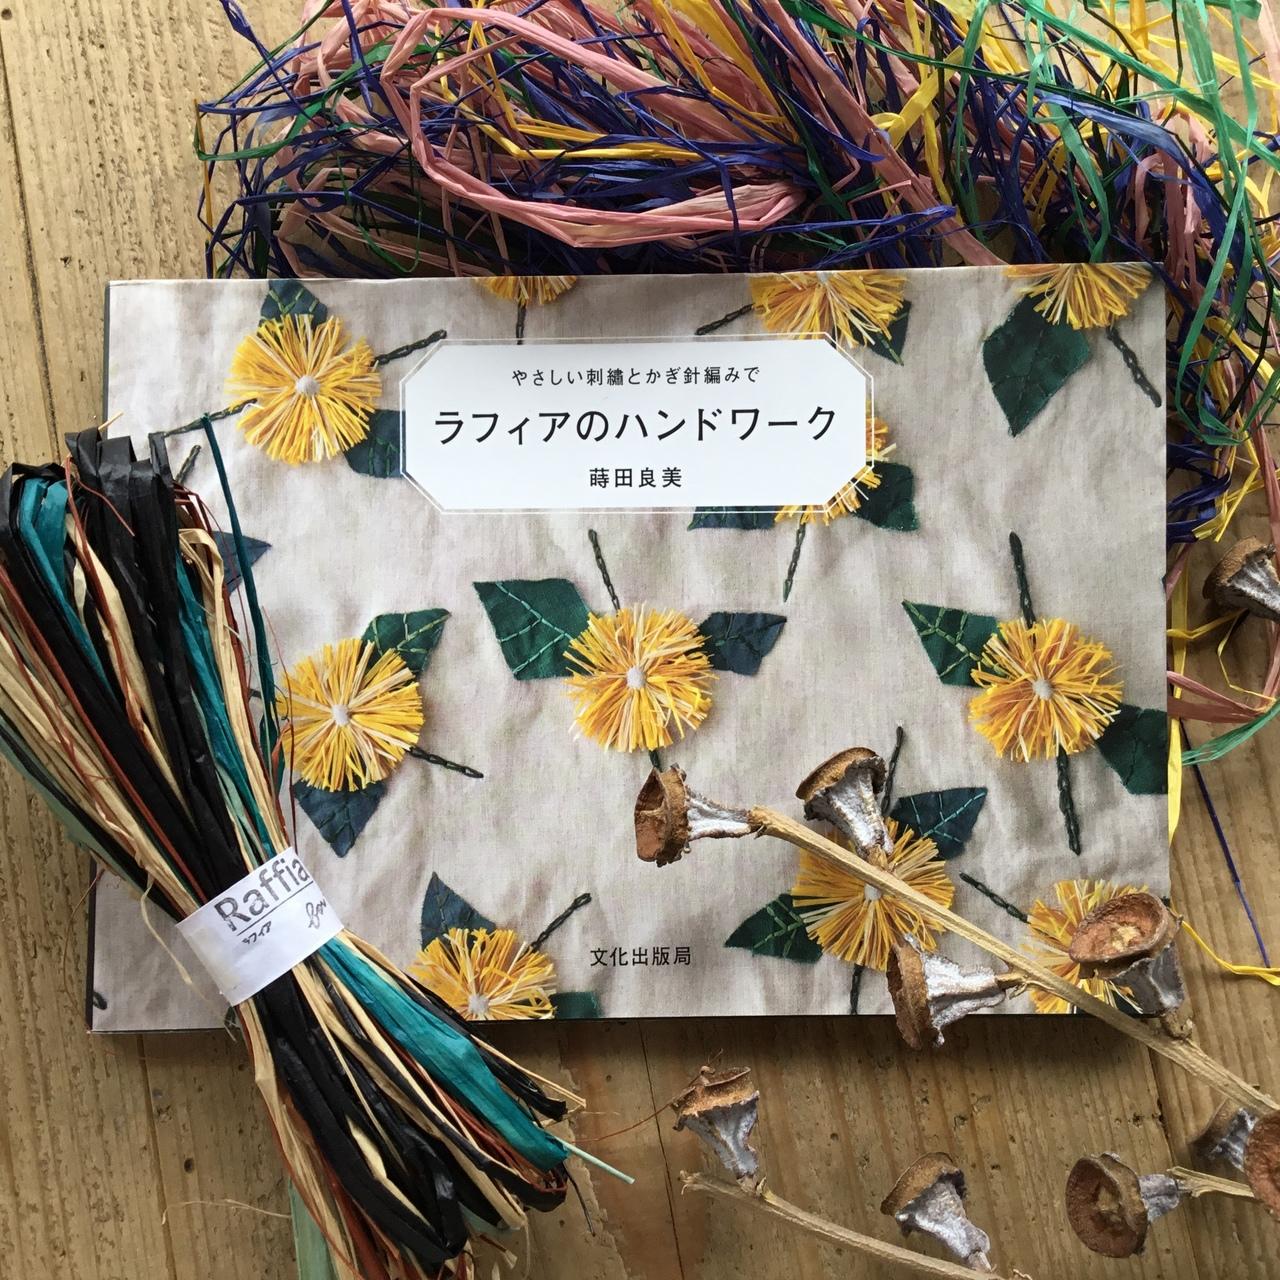 木木ワークショップ『会津木綿とラフィアのミニバック作り』at 鎌倉店